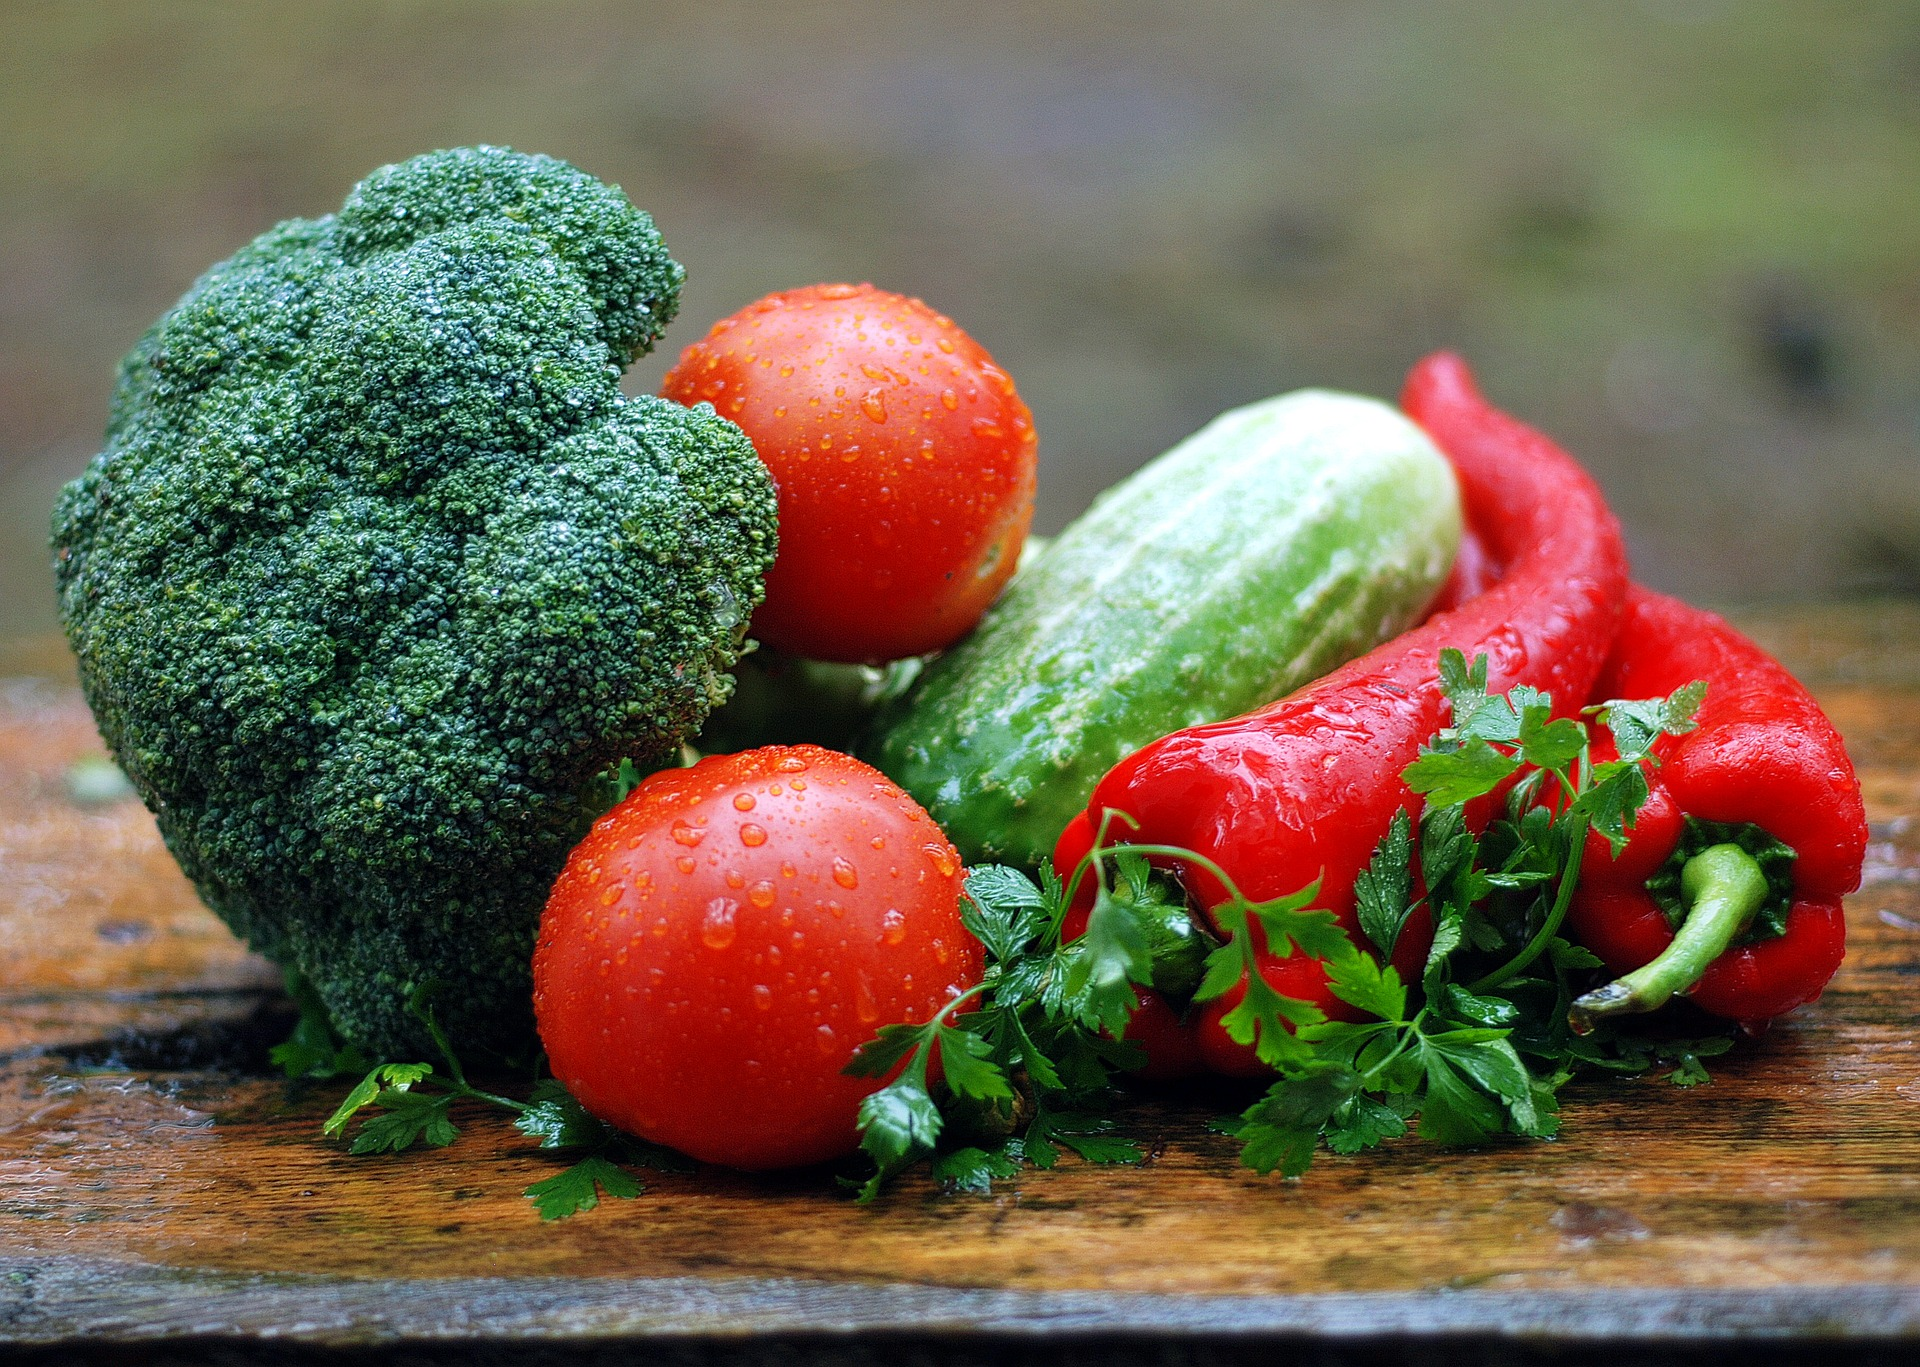 La hausse de CO2 dans l'atmosphère réduit les qualités nutritives des aliments